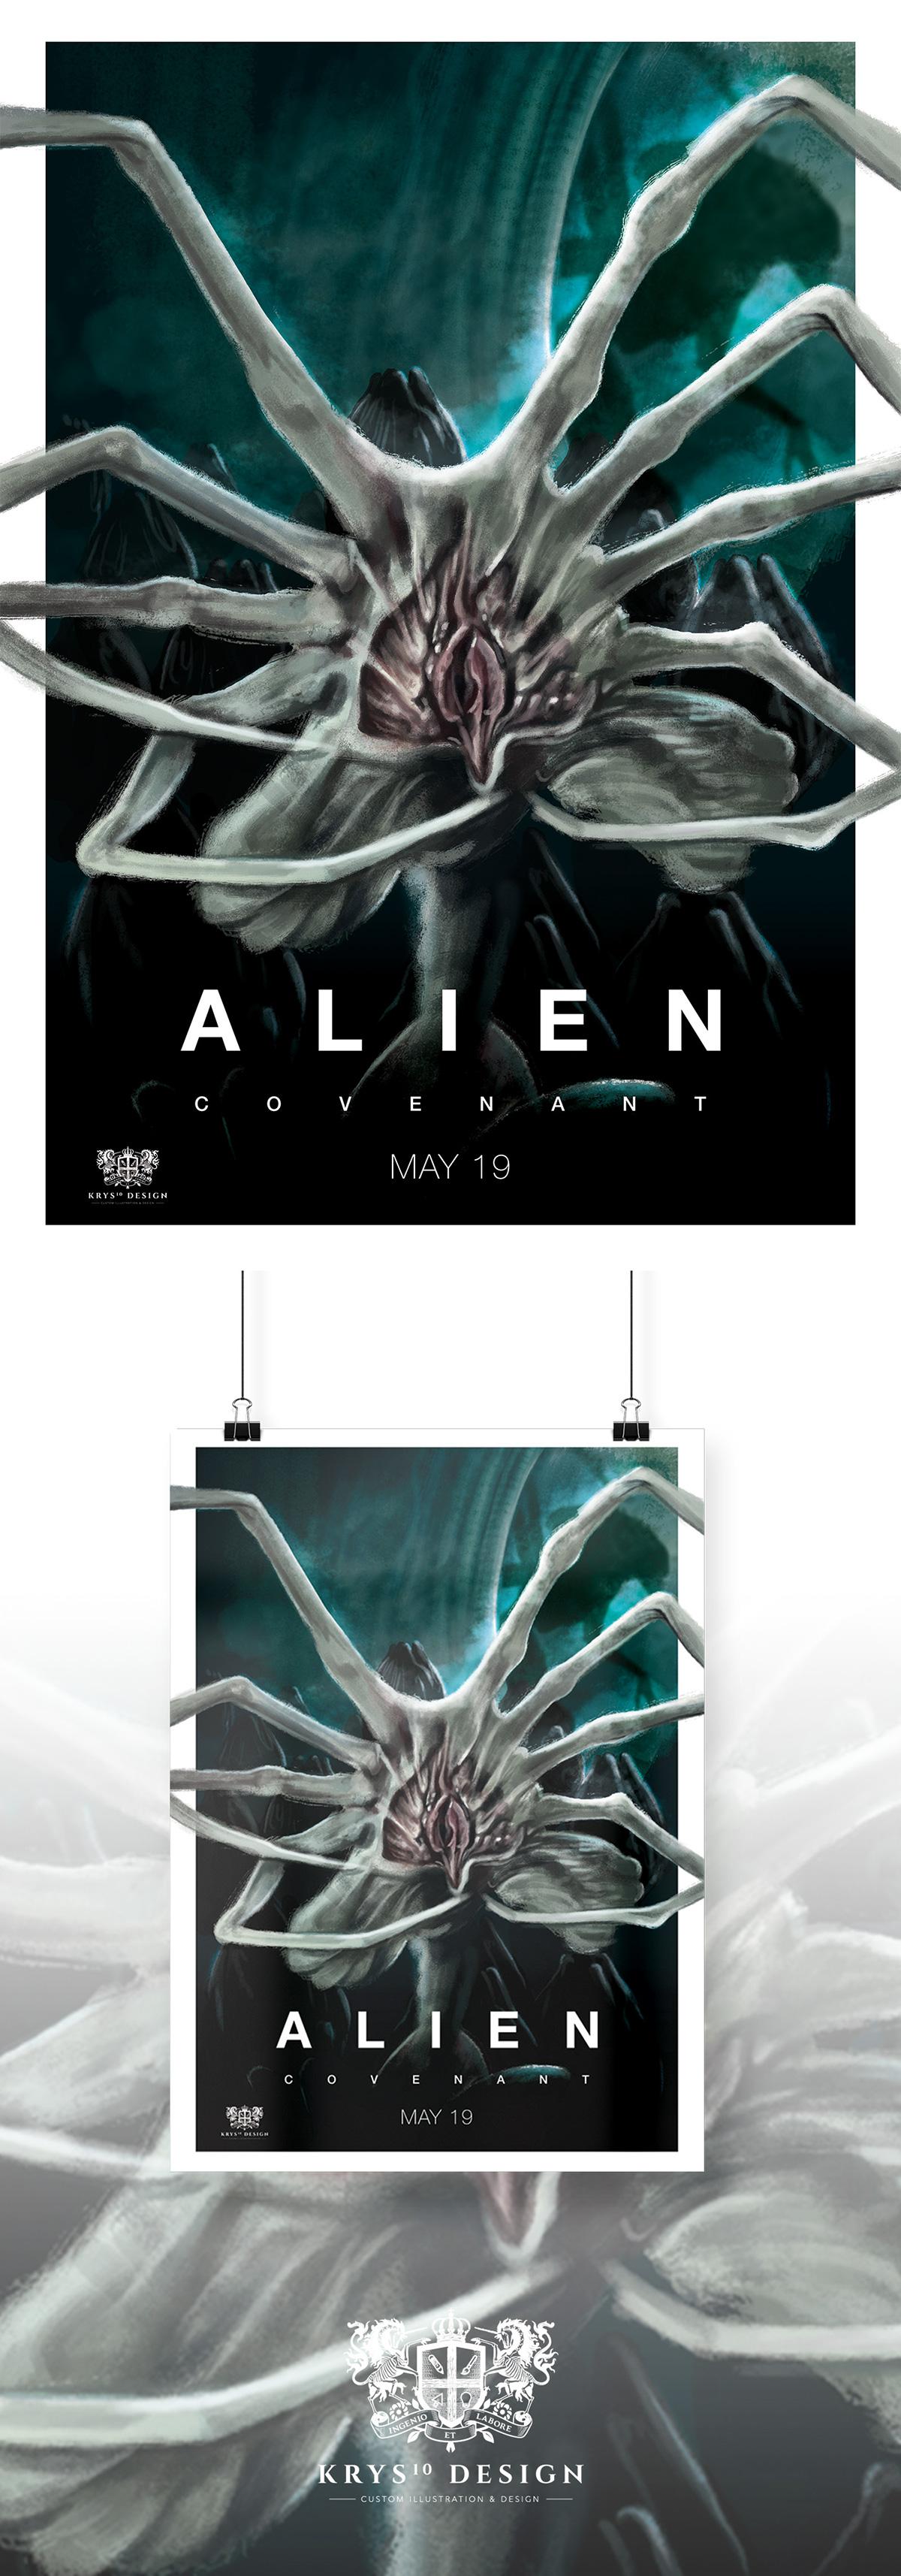 Free Hugs Alien Covenant Movie Poster On Behance